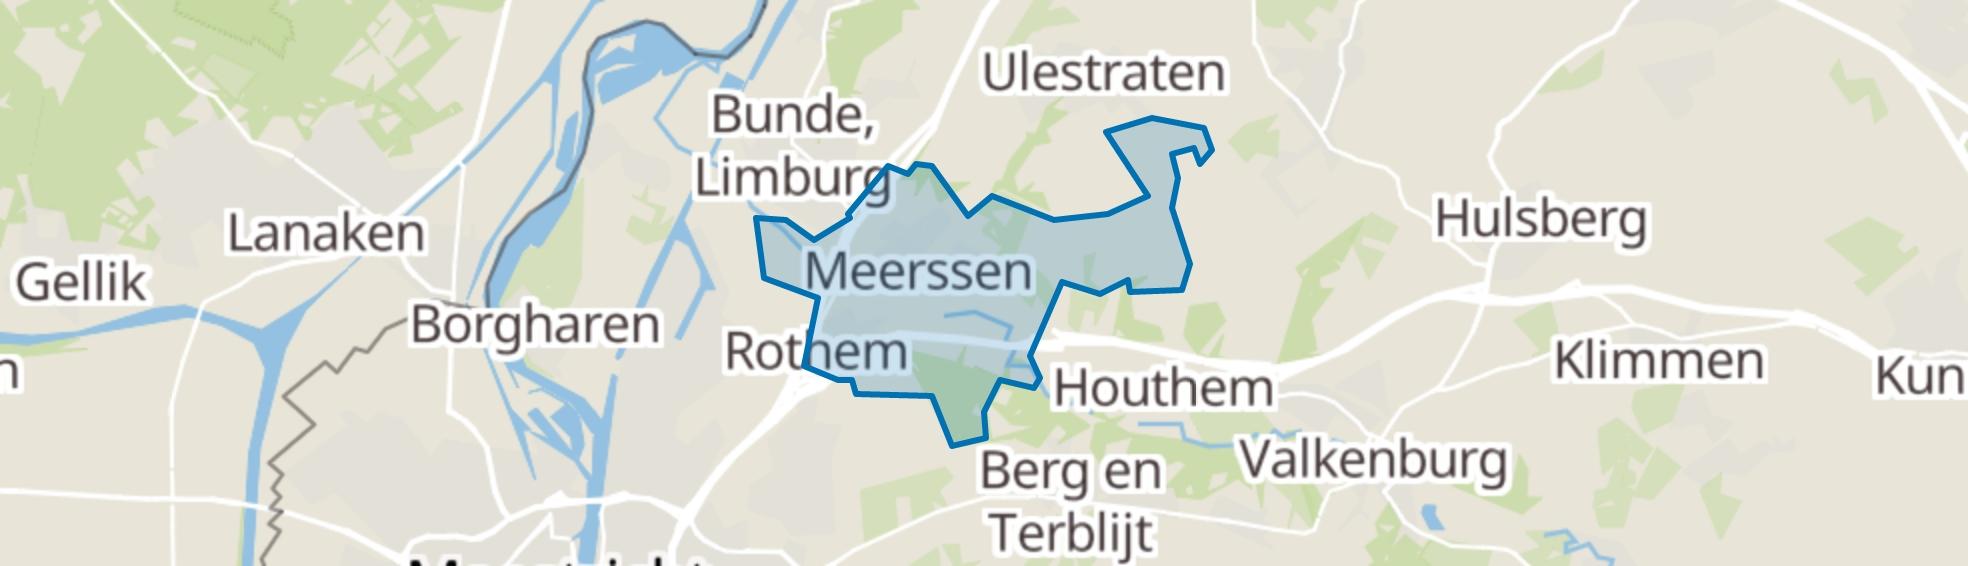 Meerssen map